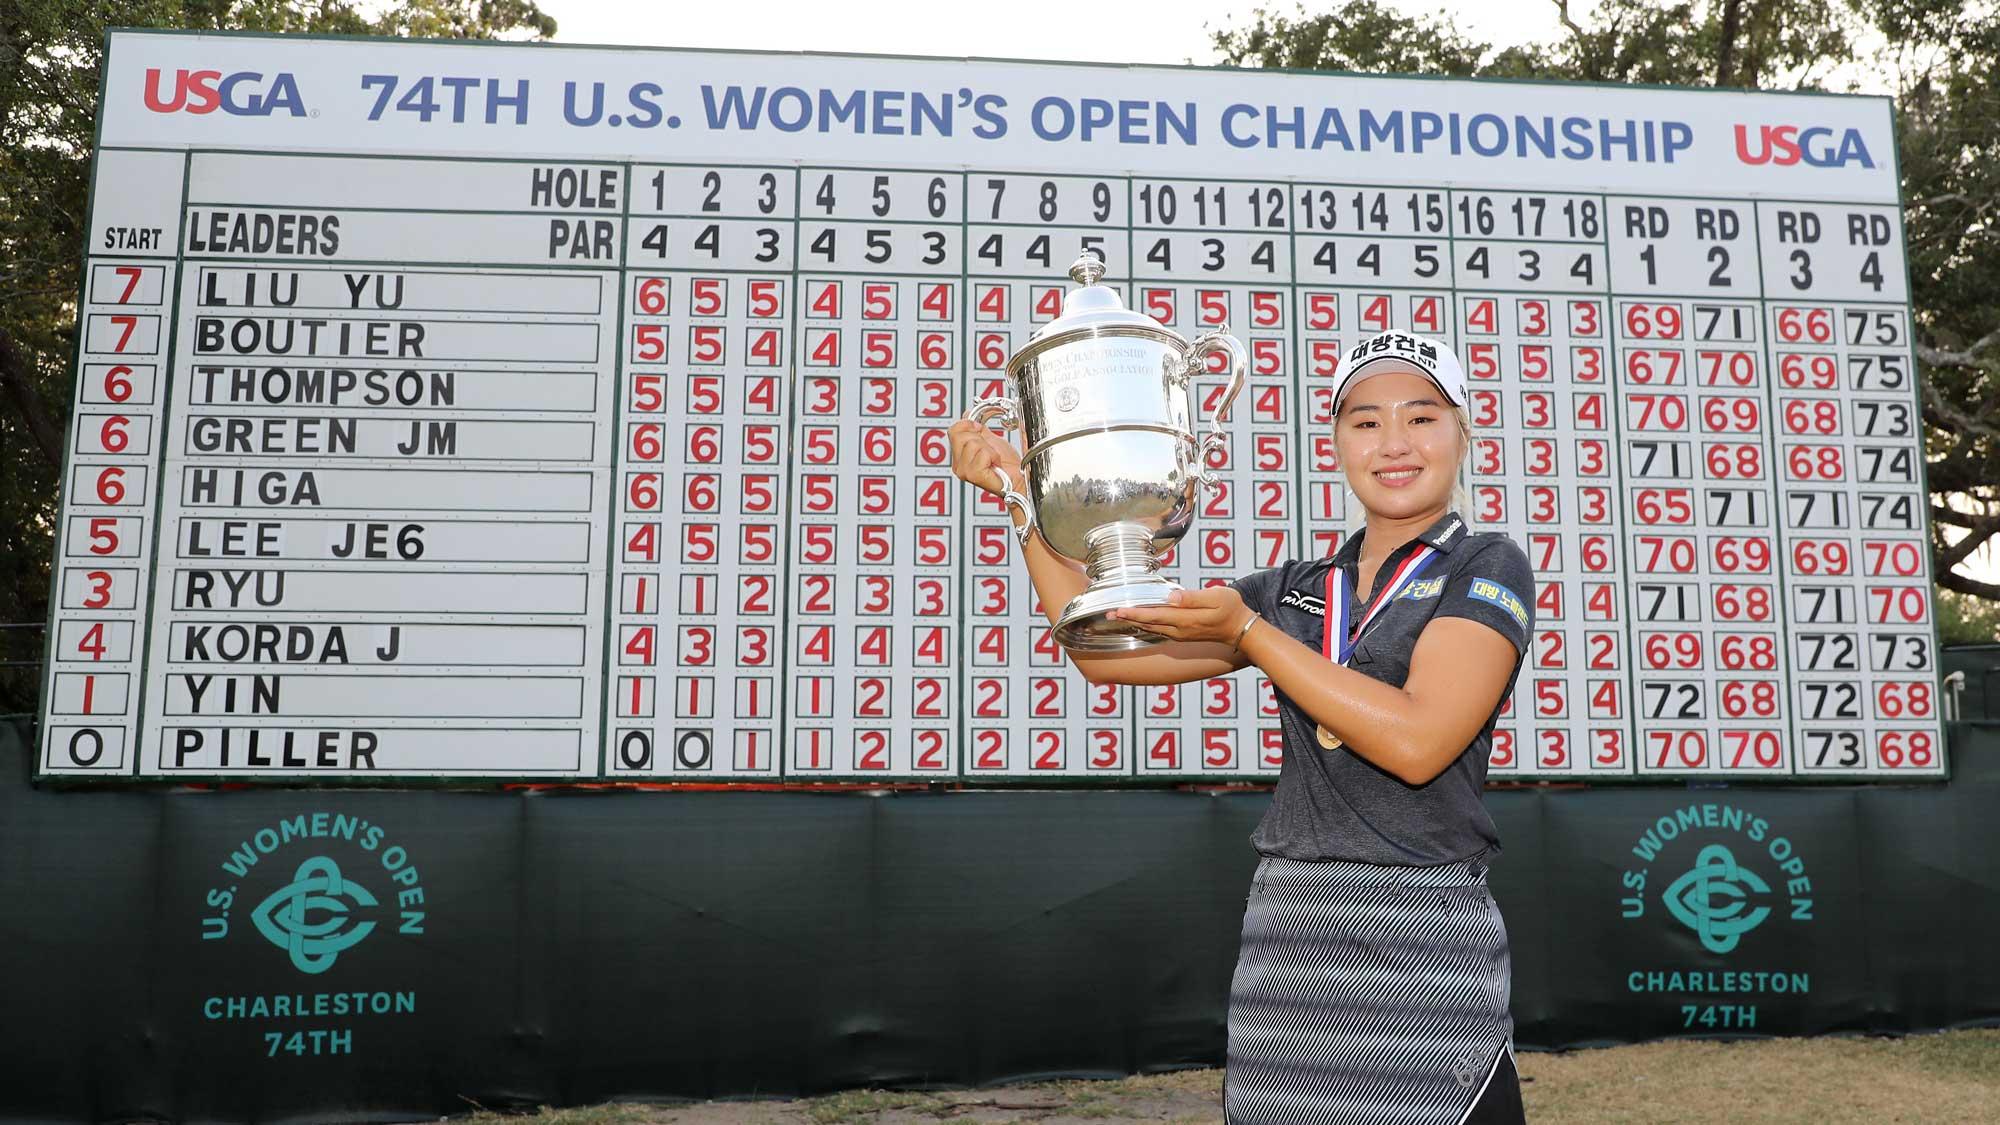 LPGA官宣五项赛事推迟 美国女子公开赛将于12月举办